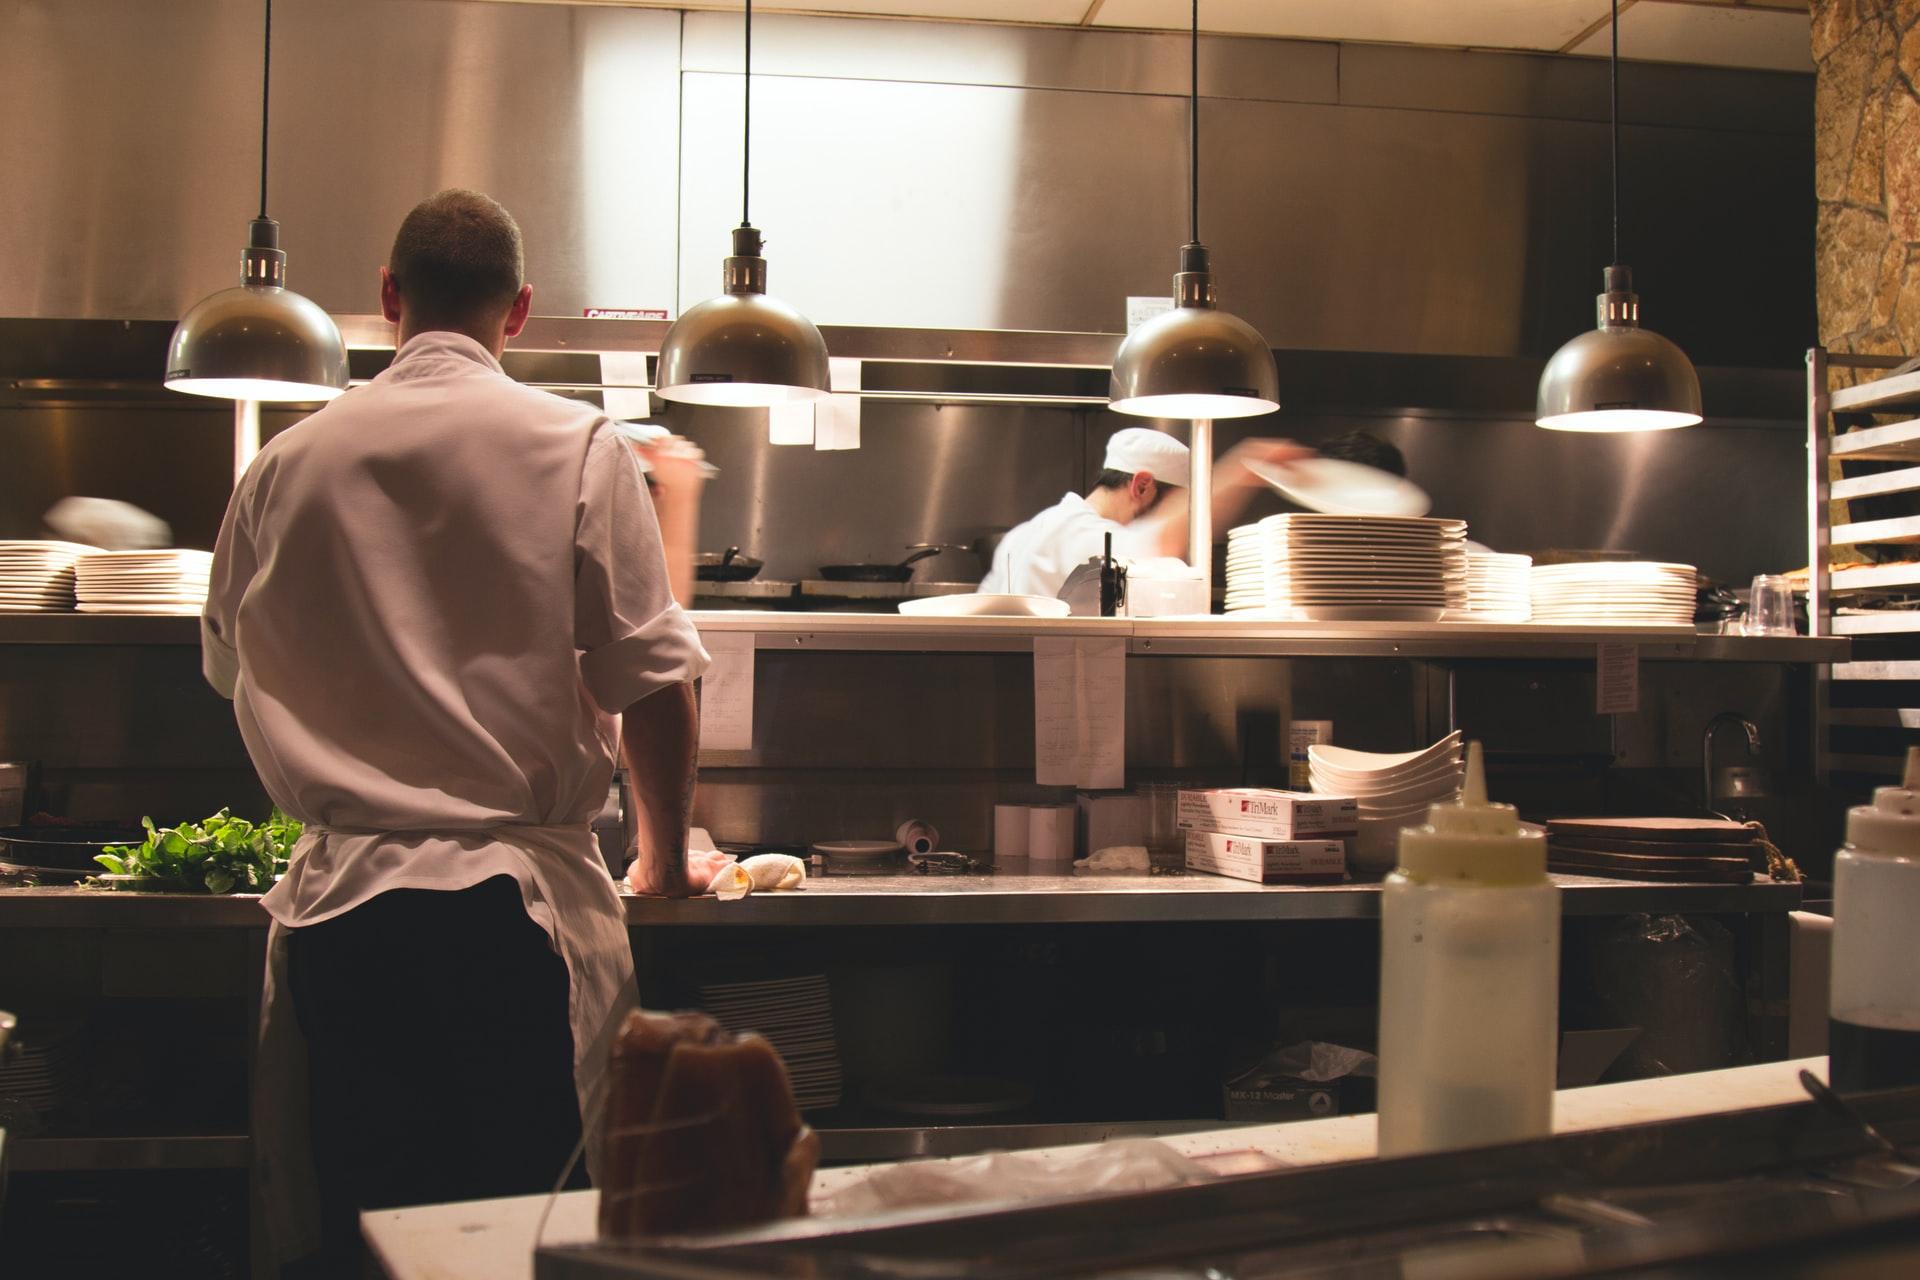 Na foto uma cozinha industrial com uma pessoa de costas.